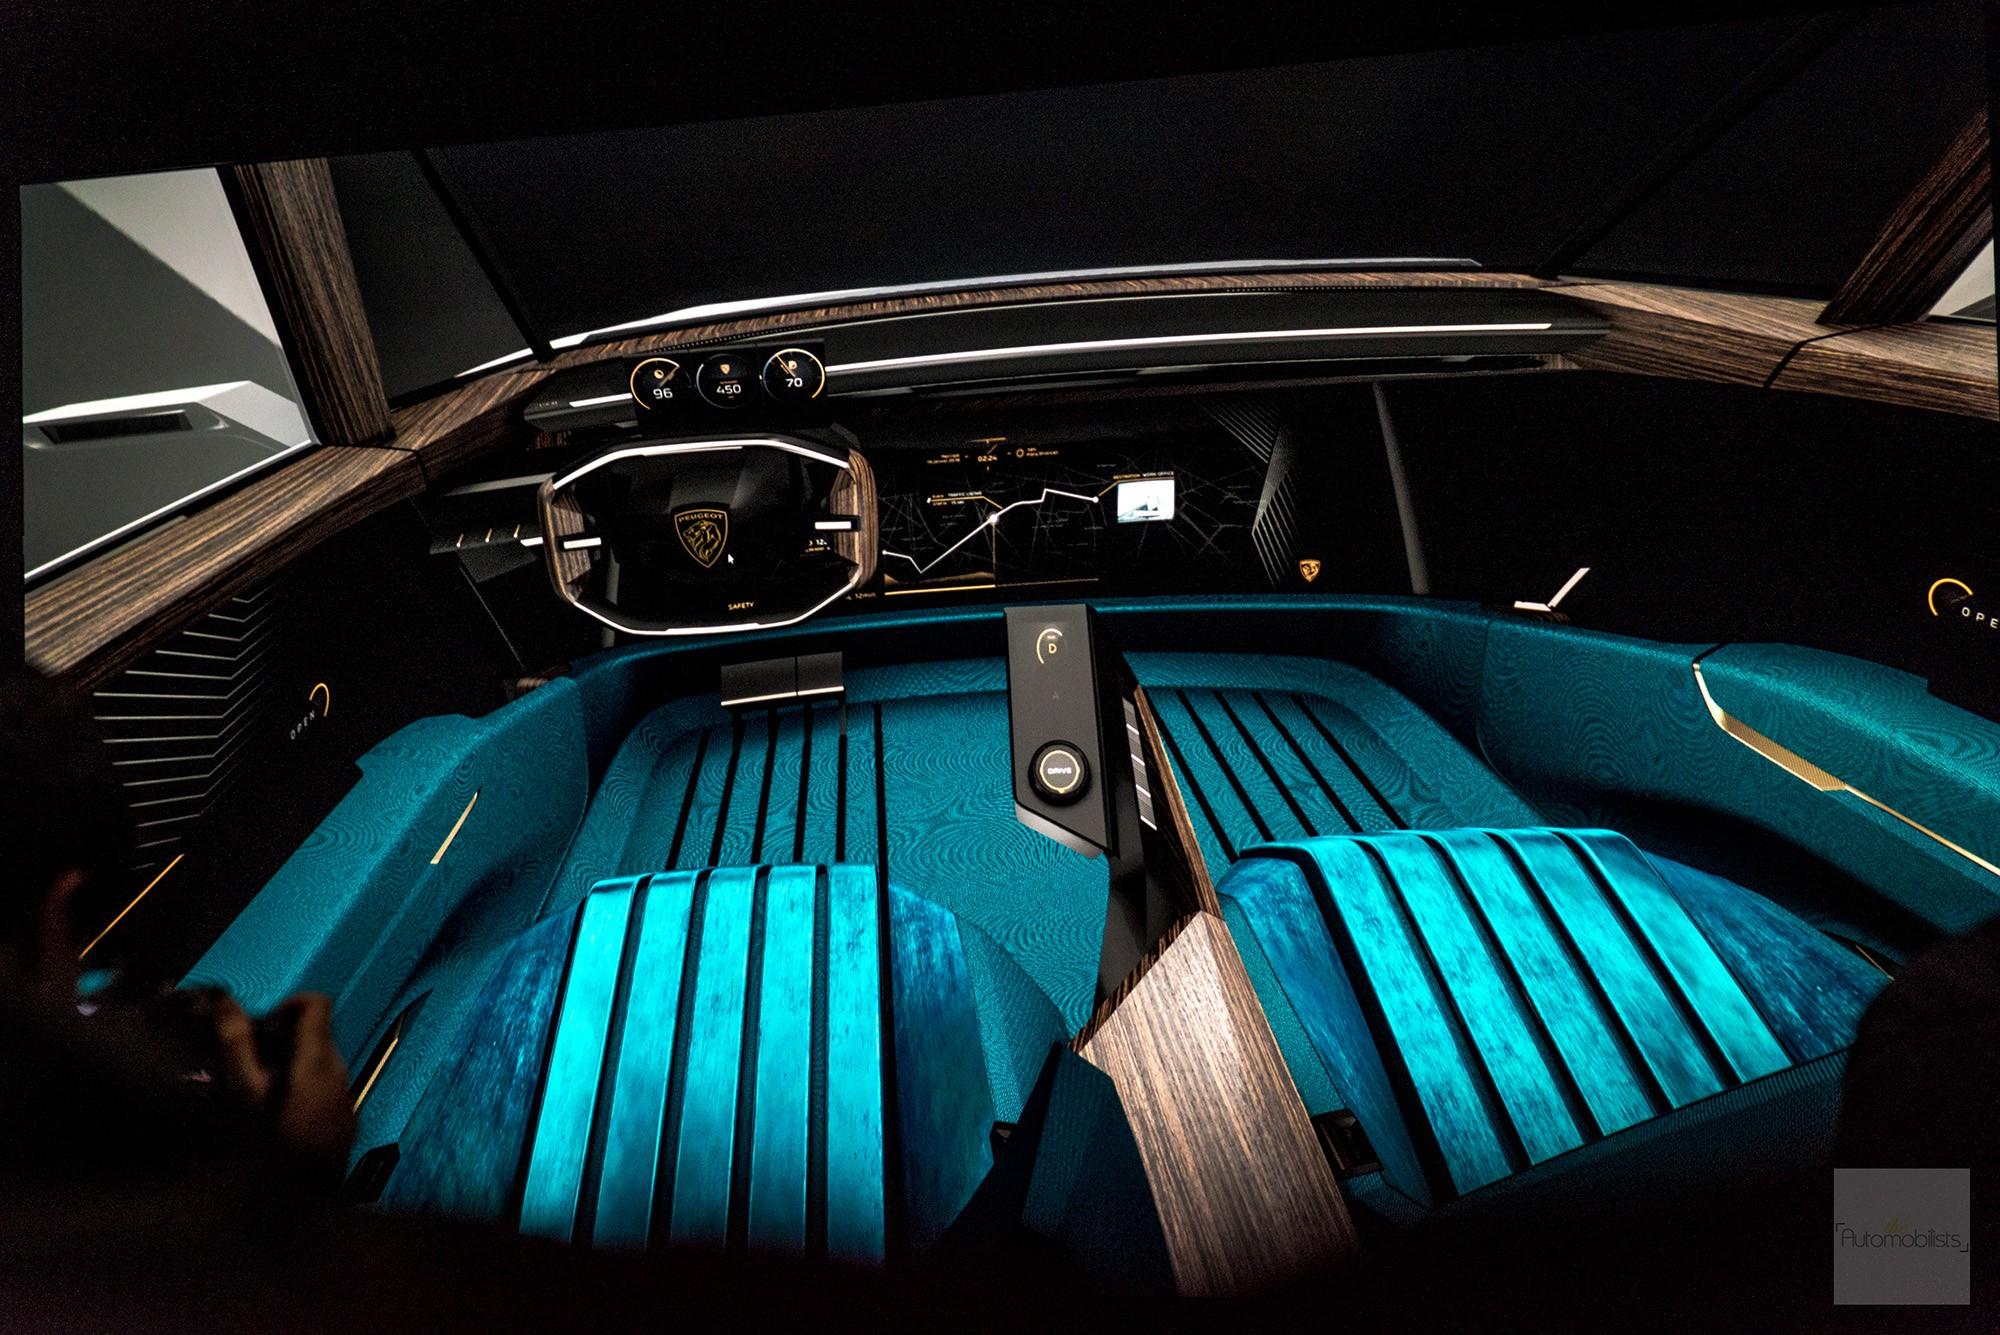 Peugeot P18 Paris Motor Show 2018 E Legend Concept Car Presentation numerique interieur